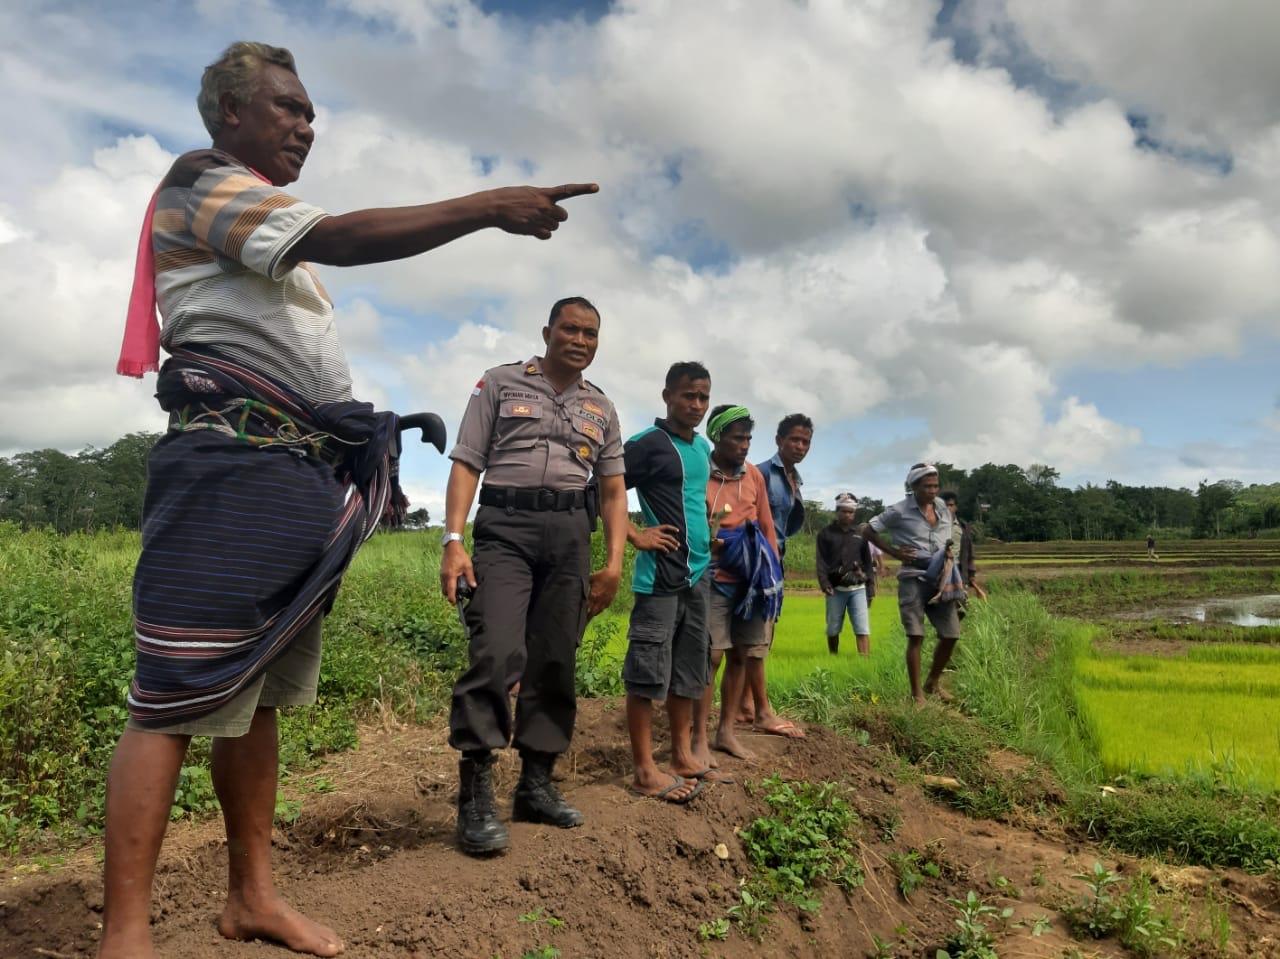 Kunjungi Pihak Terlapor DT, Kasat Binmas Tindak Lanjuti Upaya Mediasi Sengketa Tanah